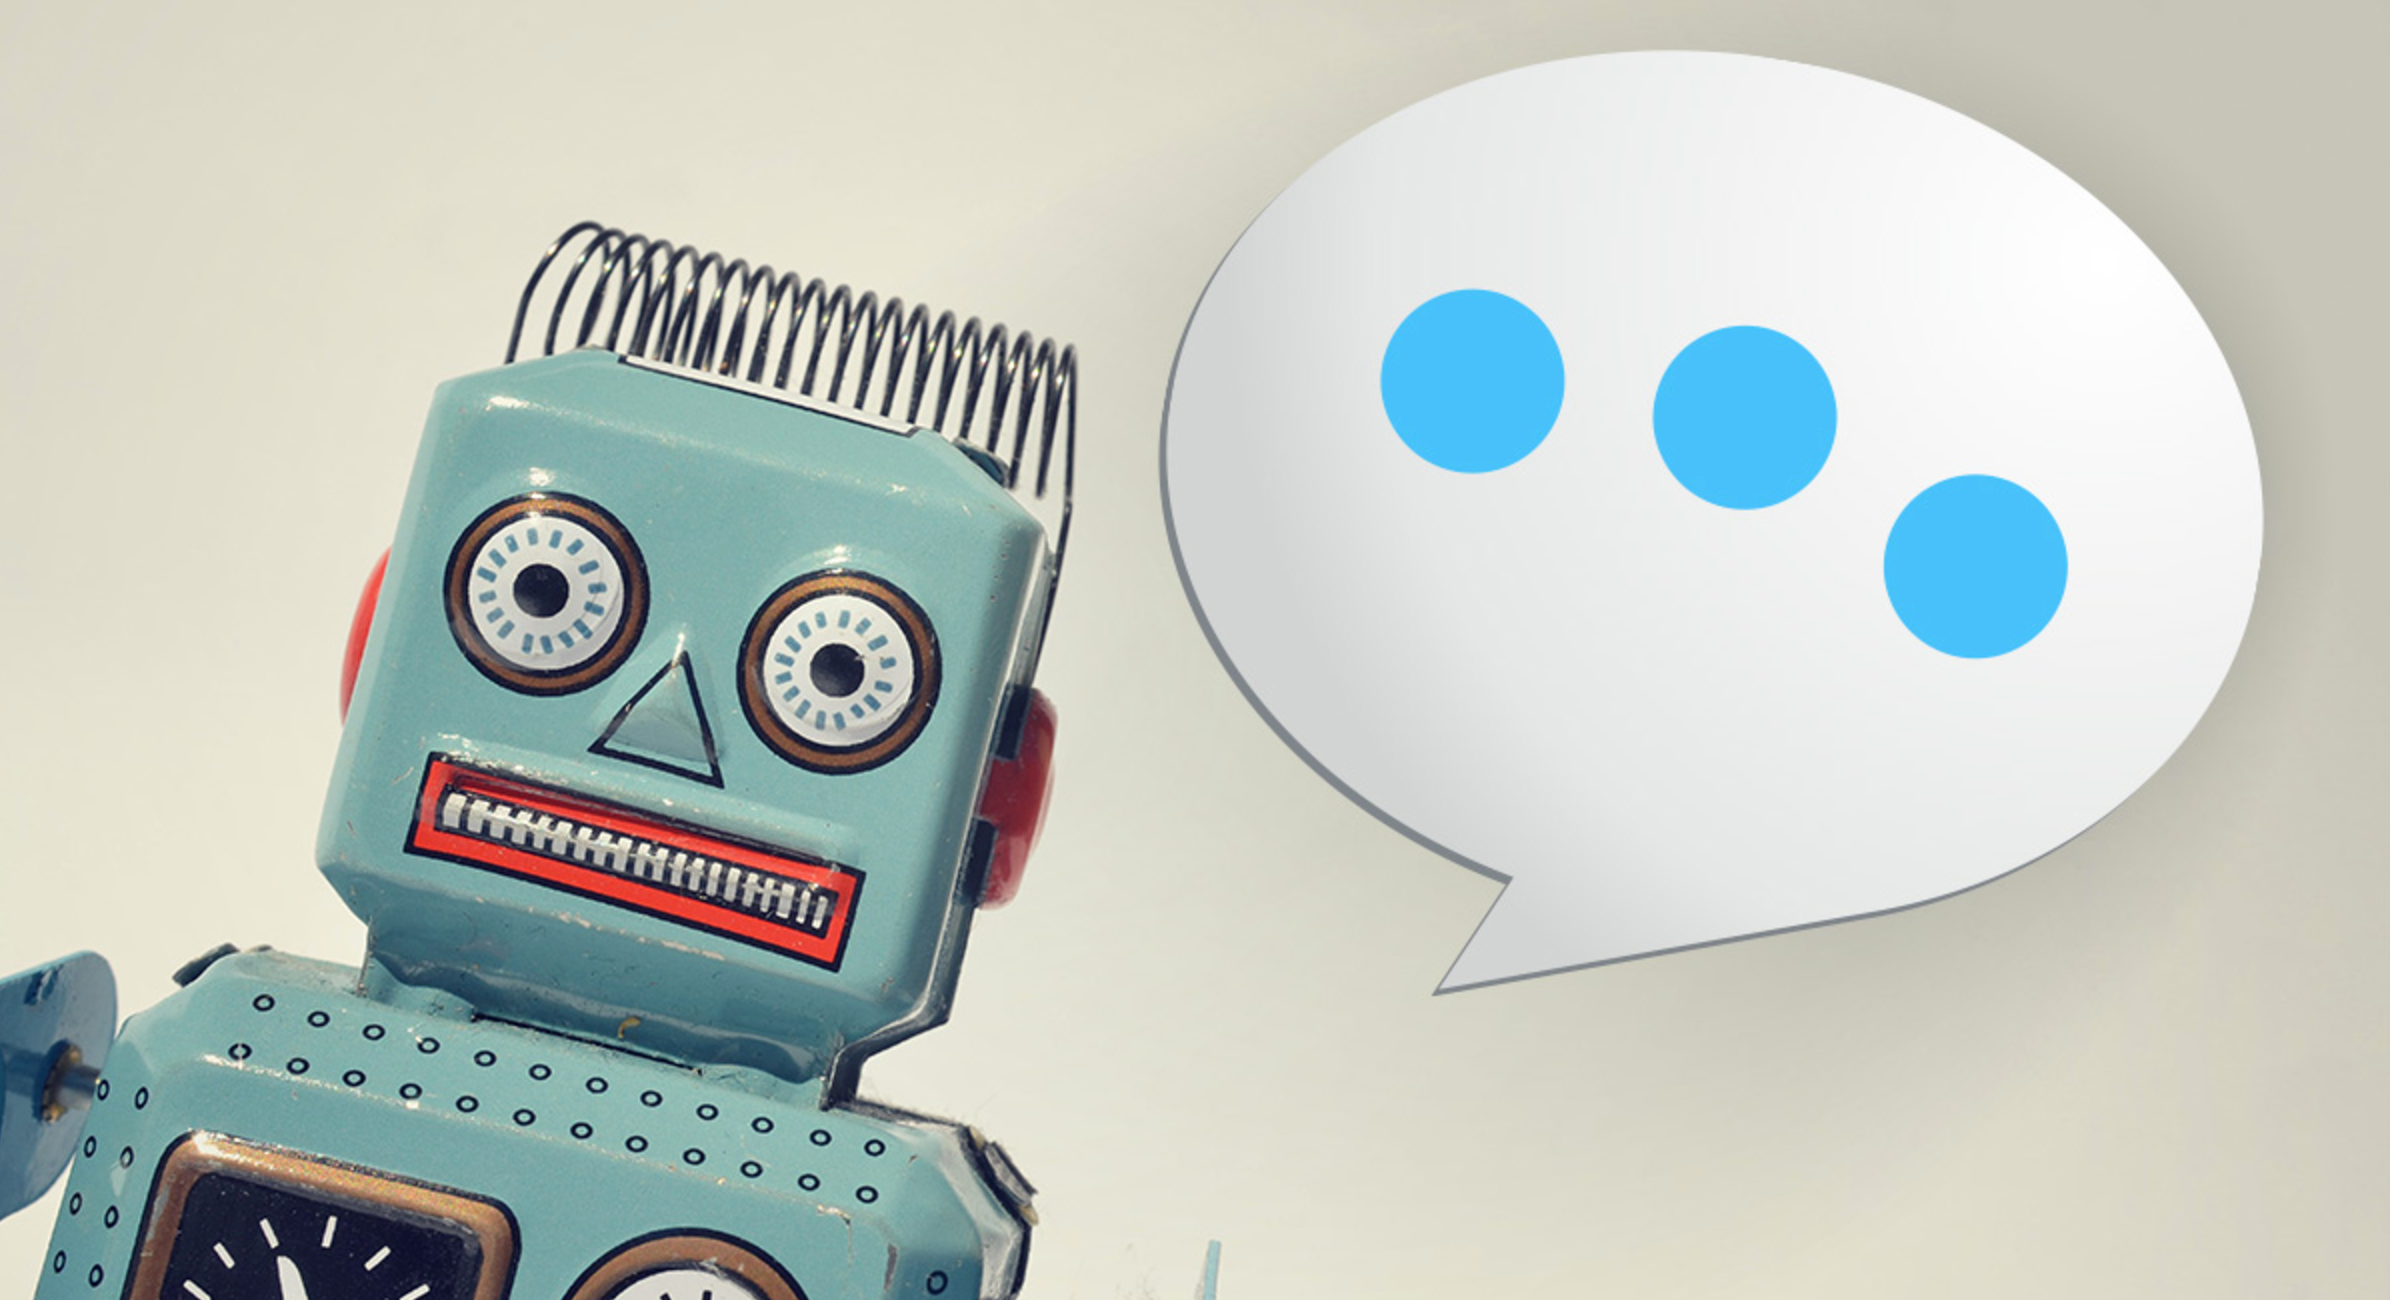 Chatbot fail